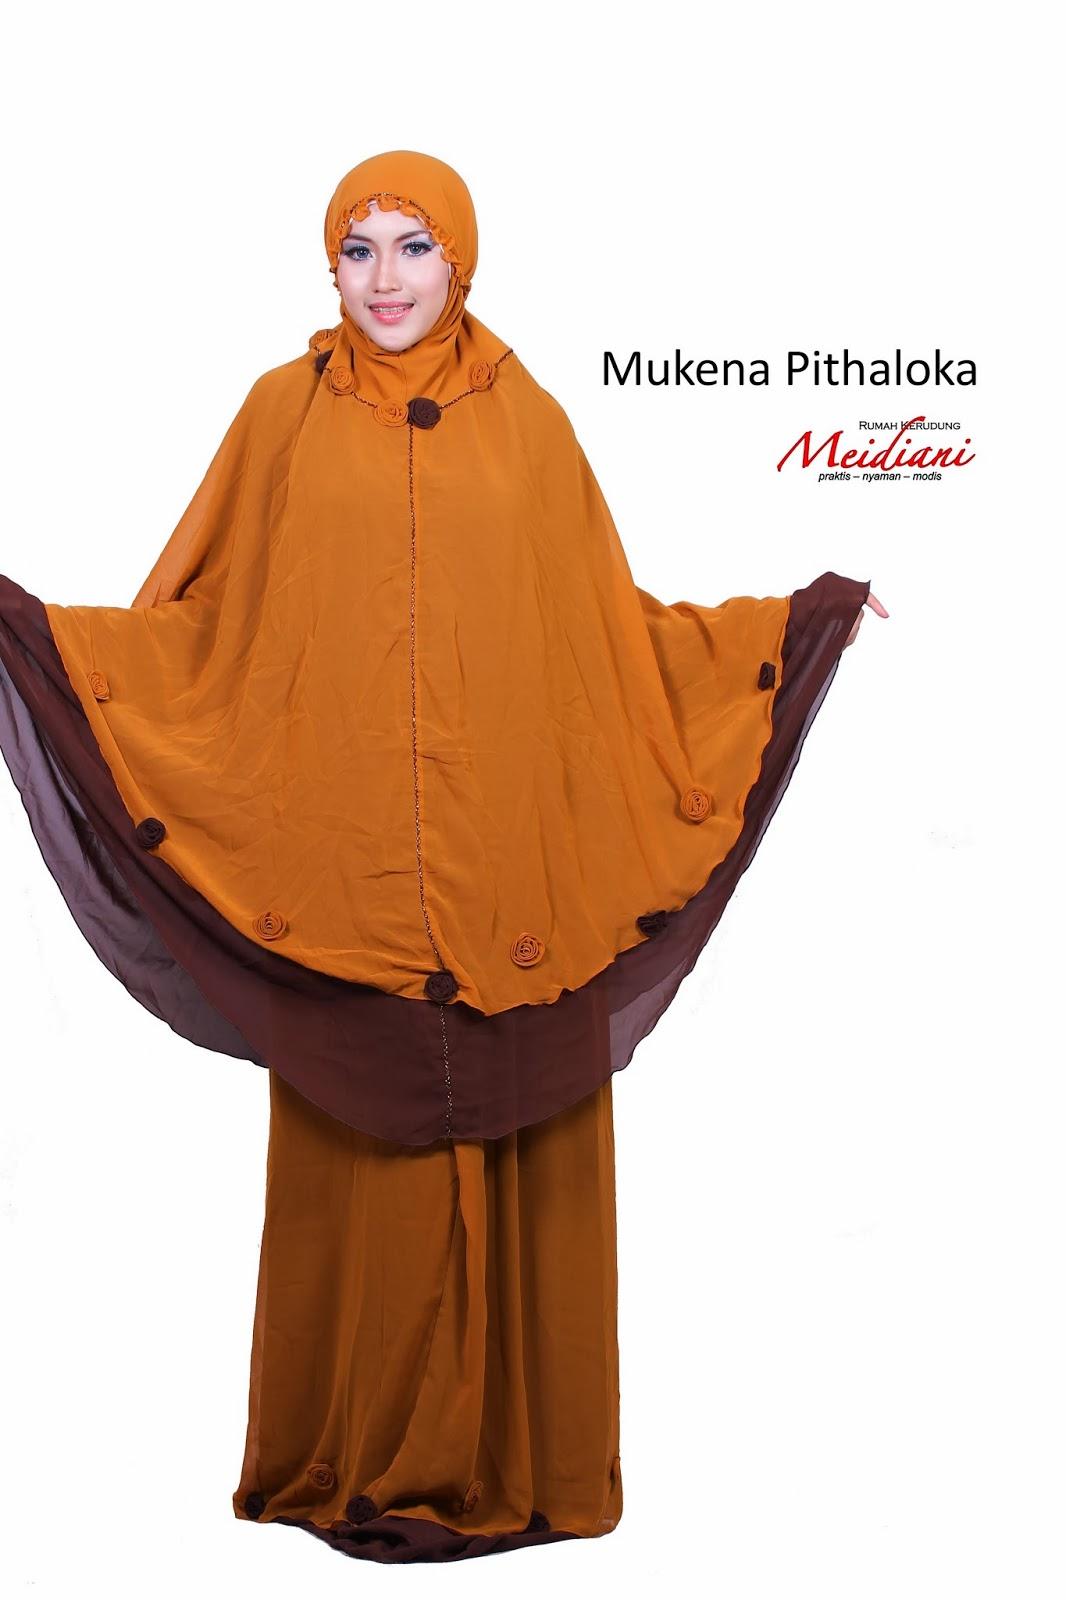 Mukena Pithaloka